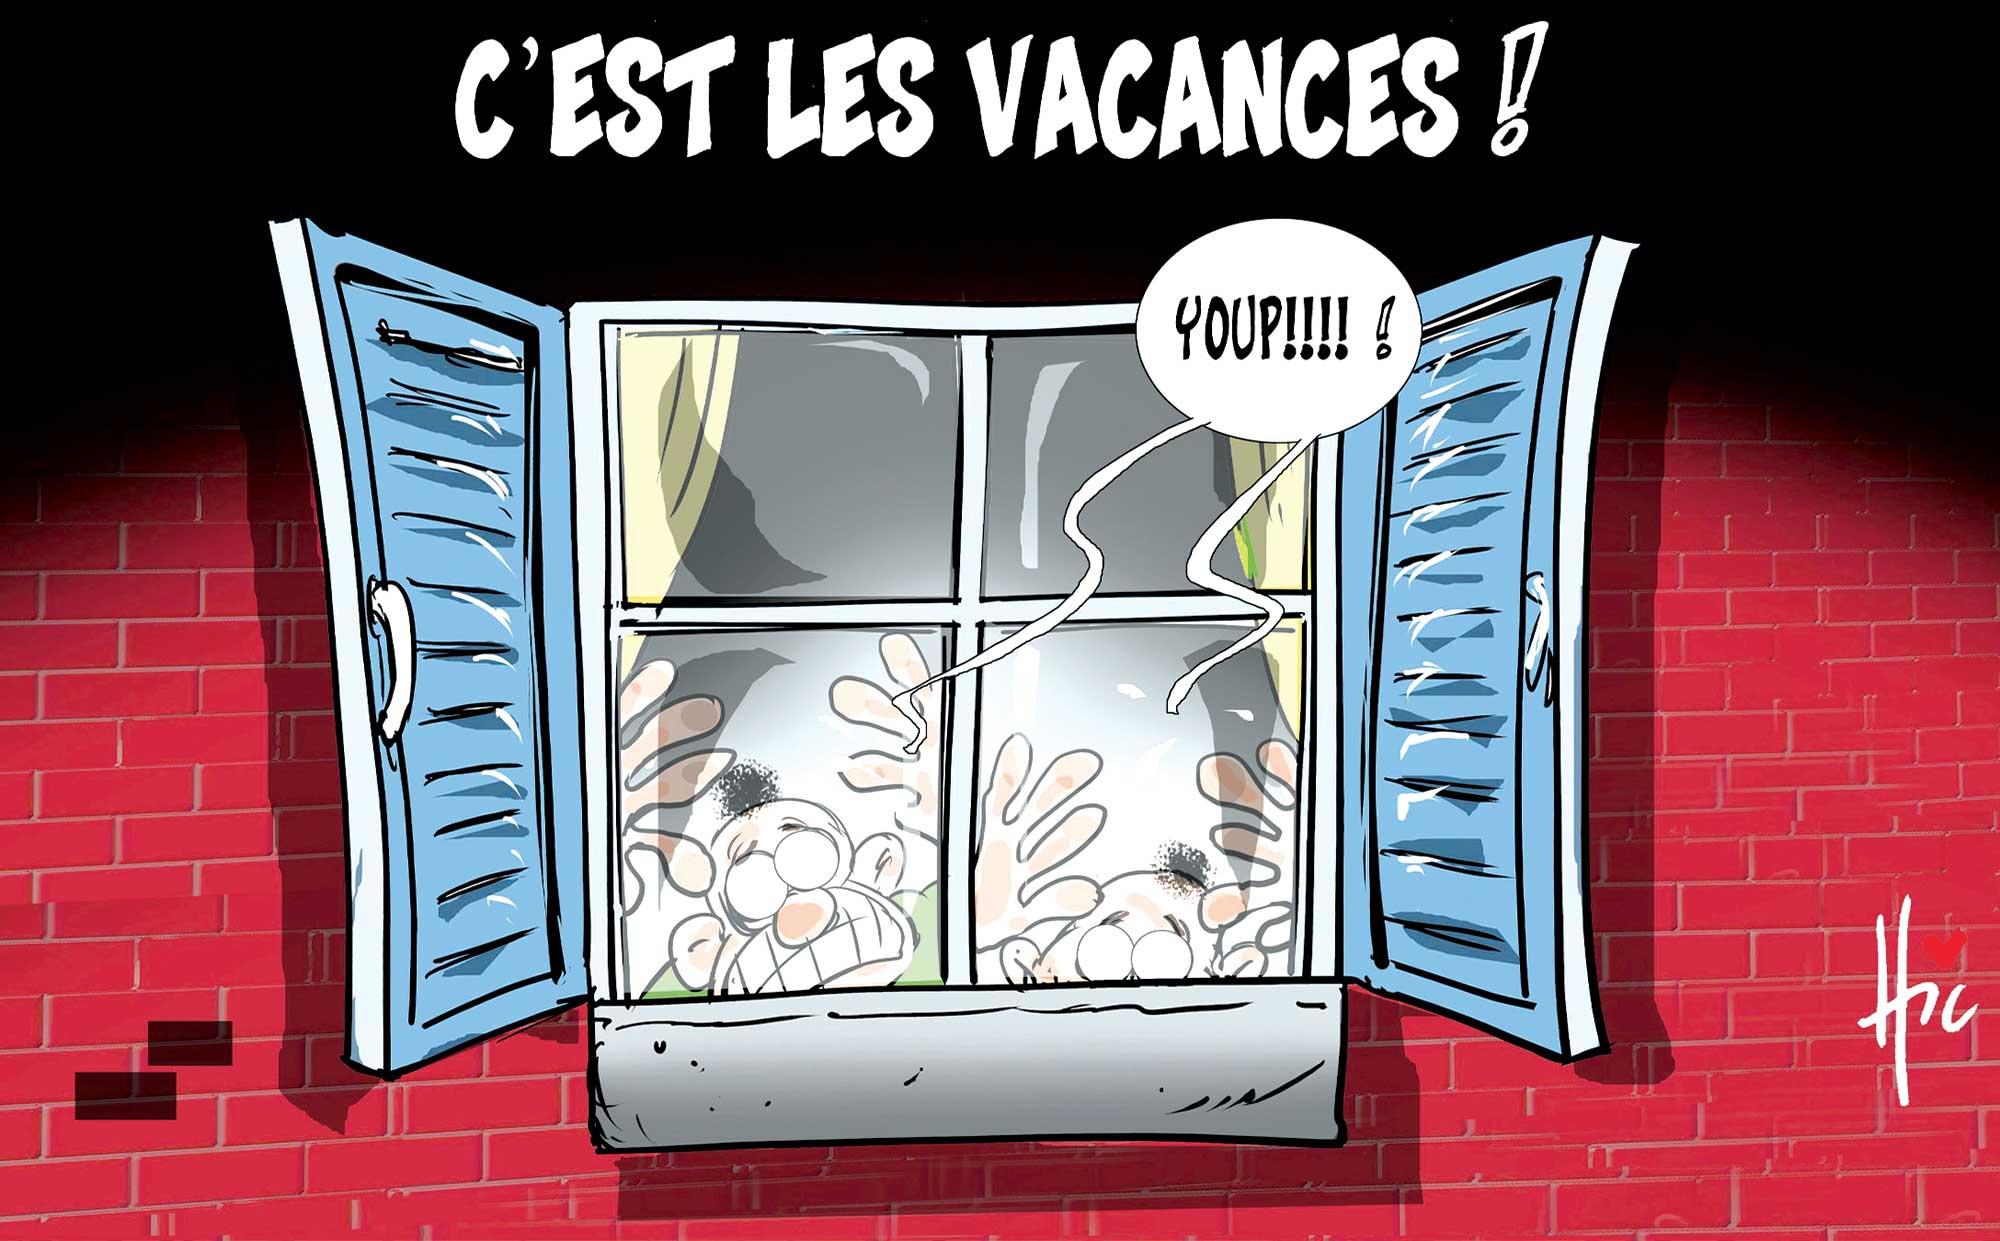 Les vacances en confinement - Le Hic - El Watan - Gagdz.com